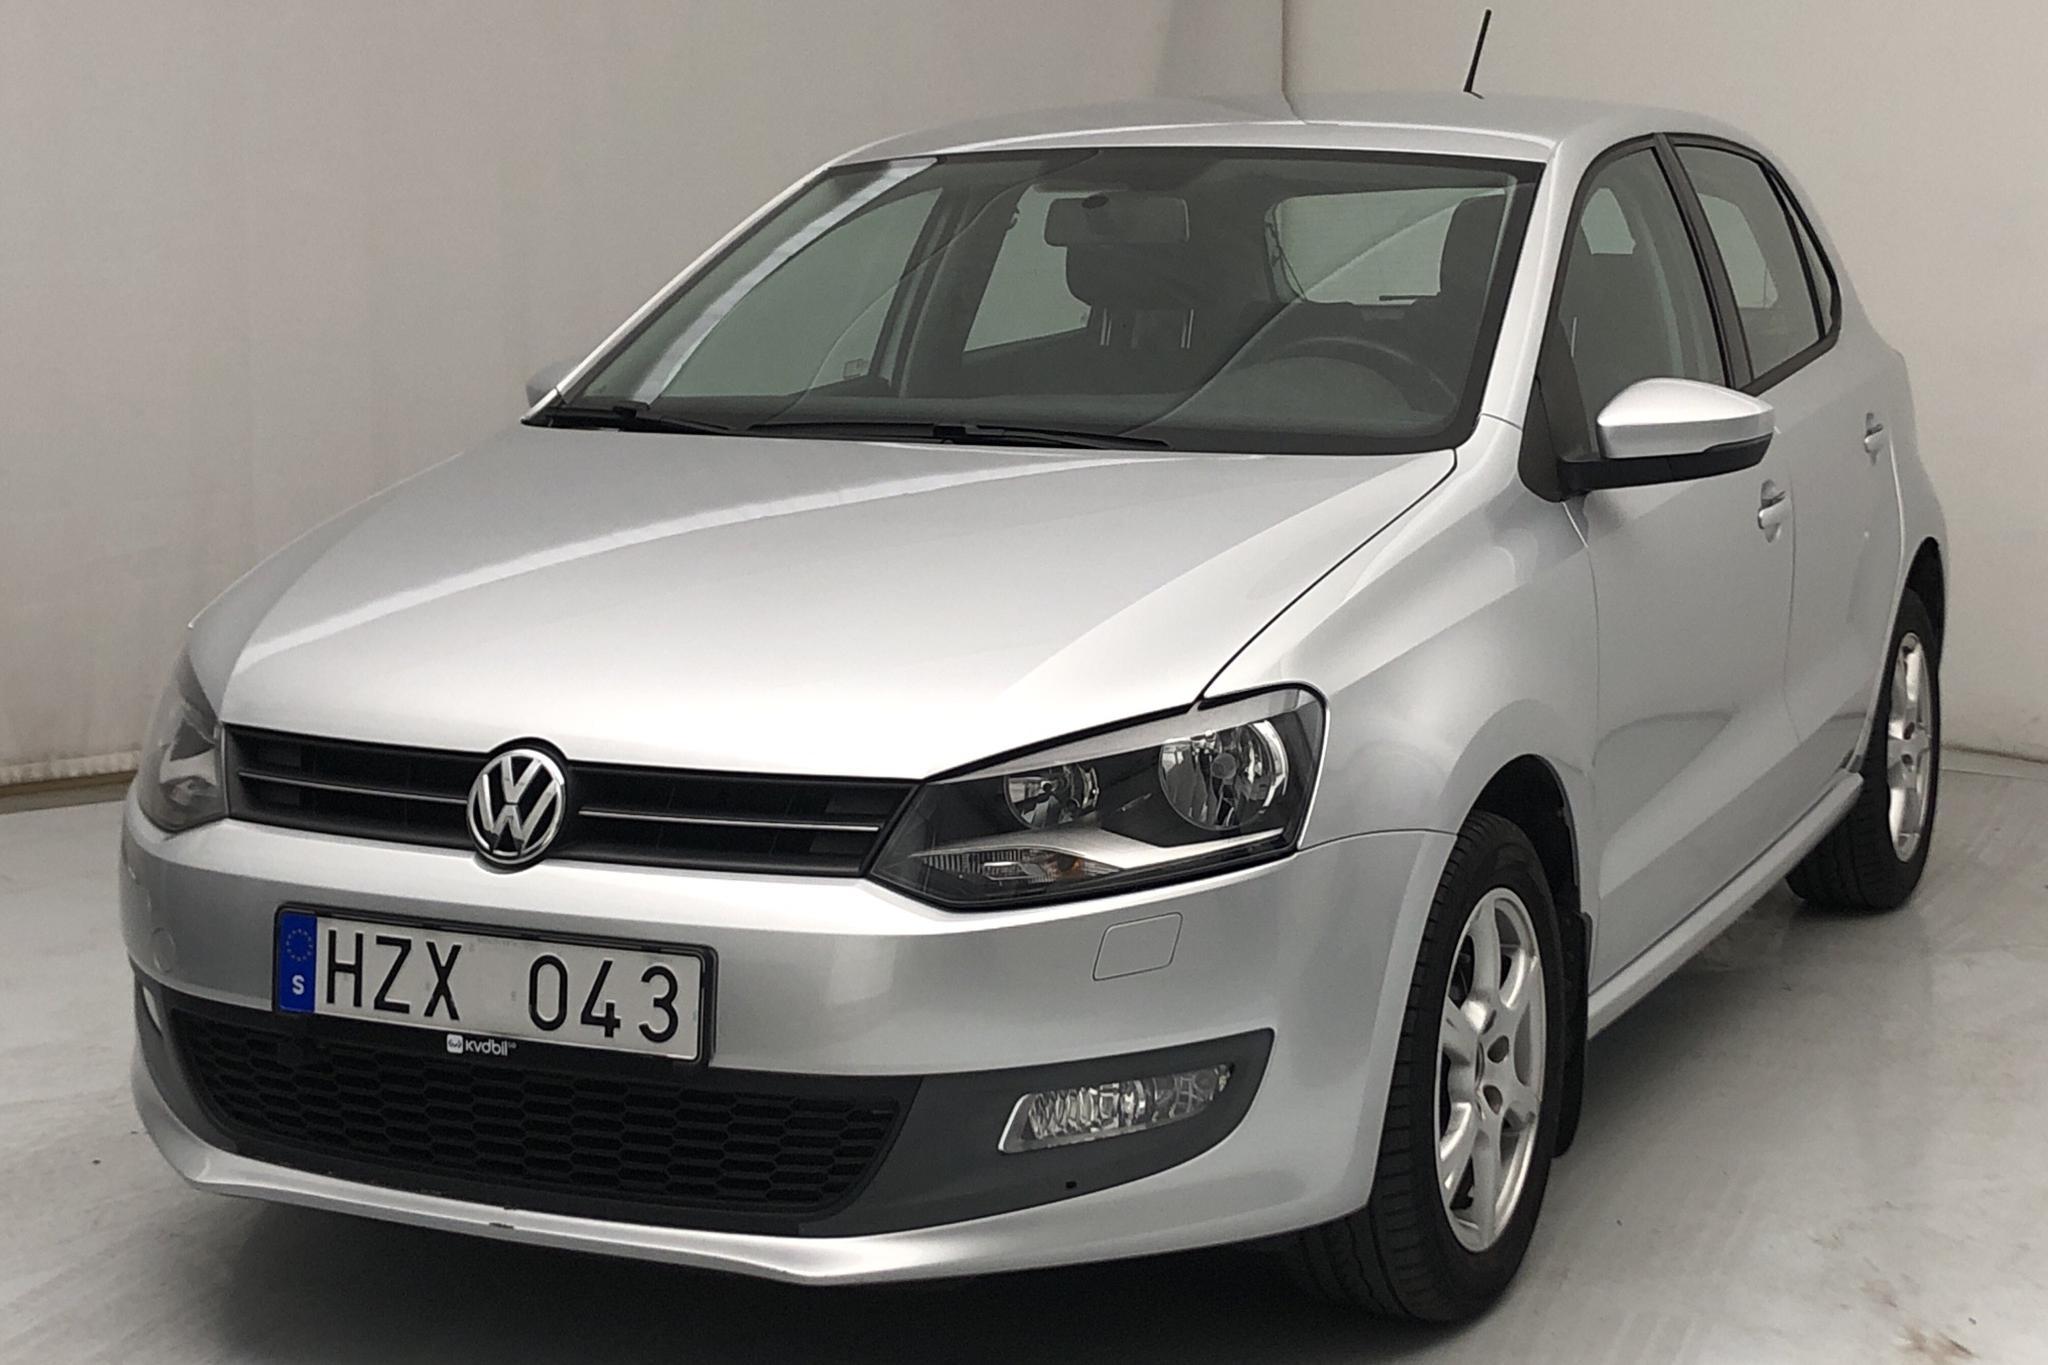 VW Polo 1.4 5dr (85hk)